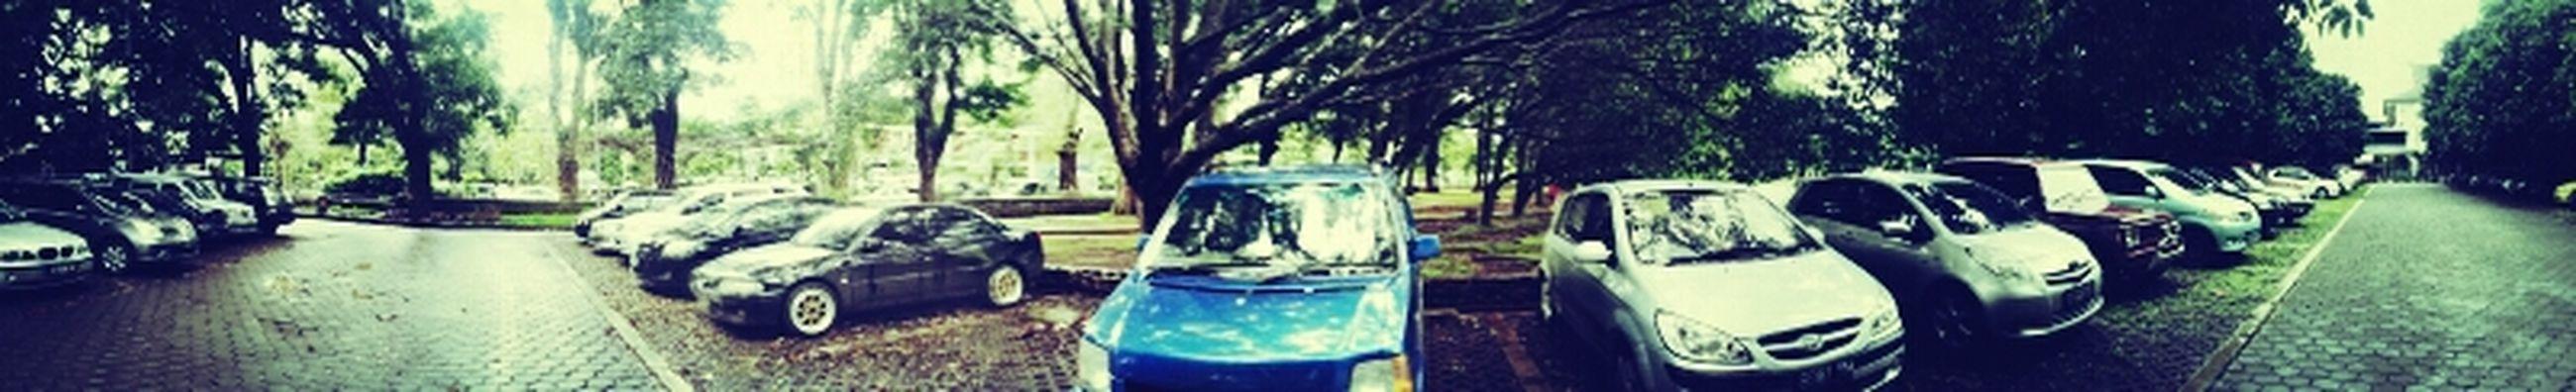 ITB Car Park